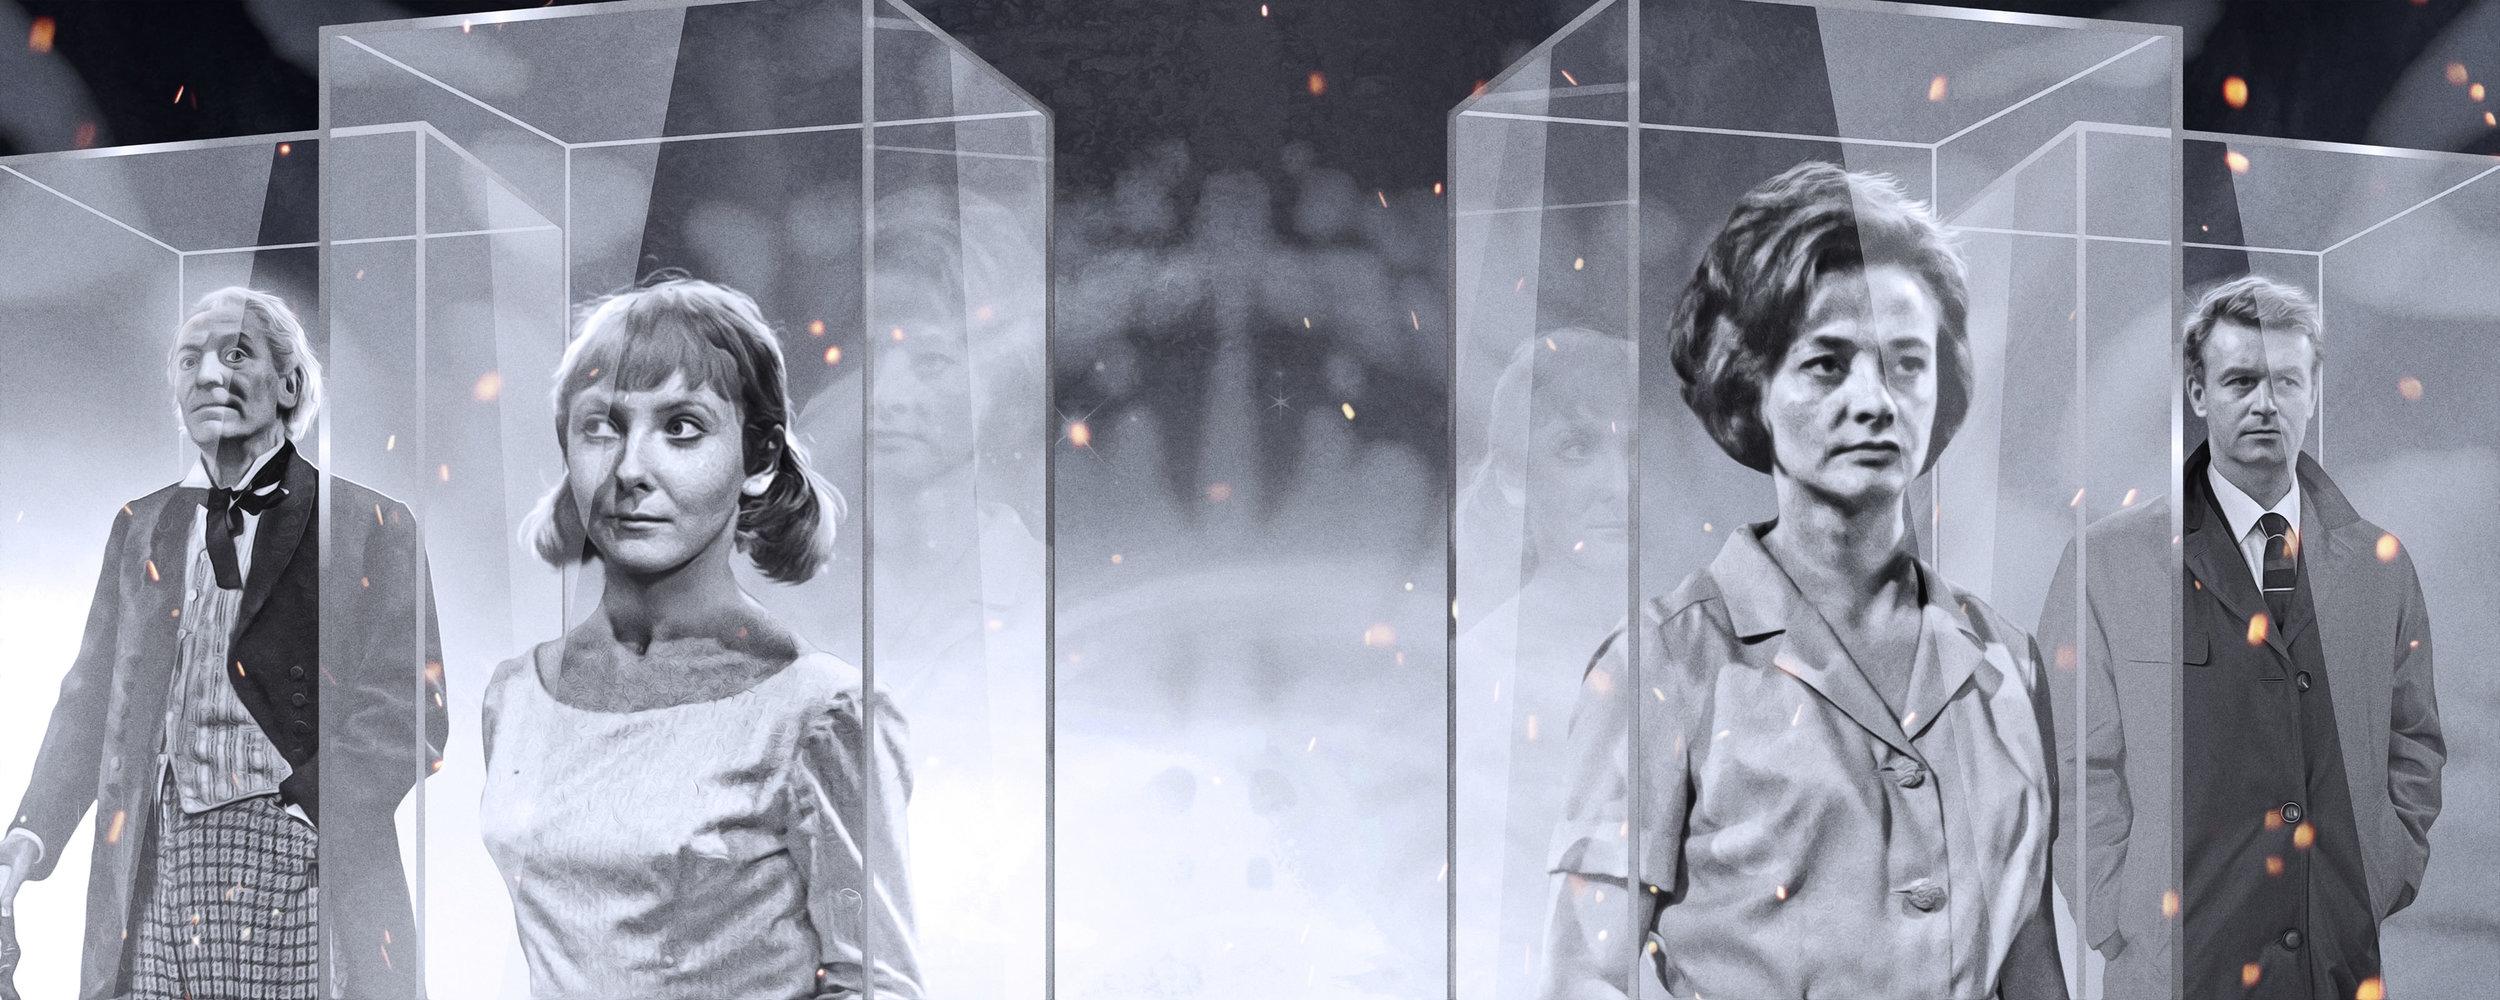 Space Museum - Blank.jpg